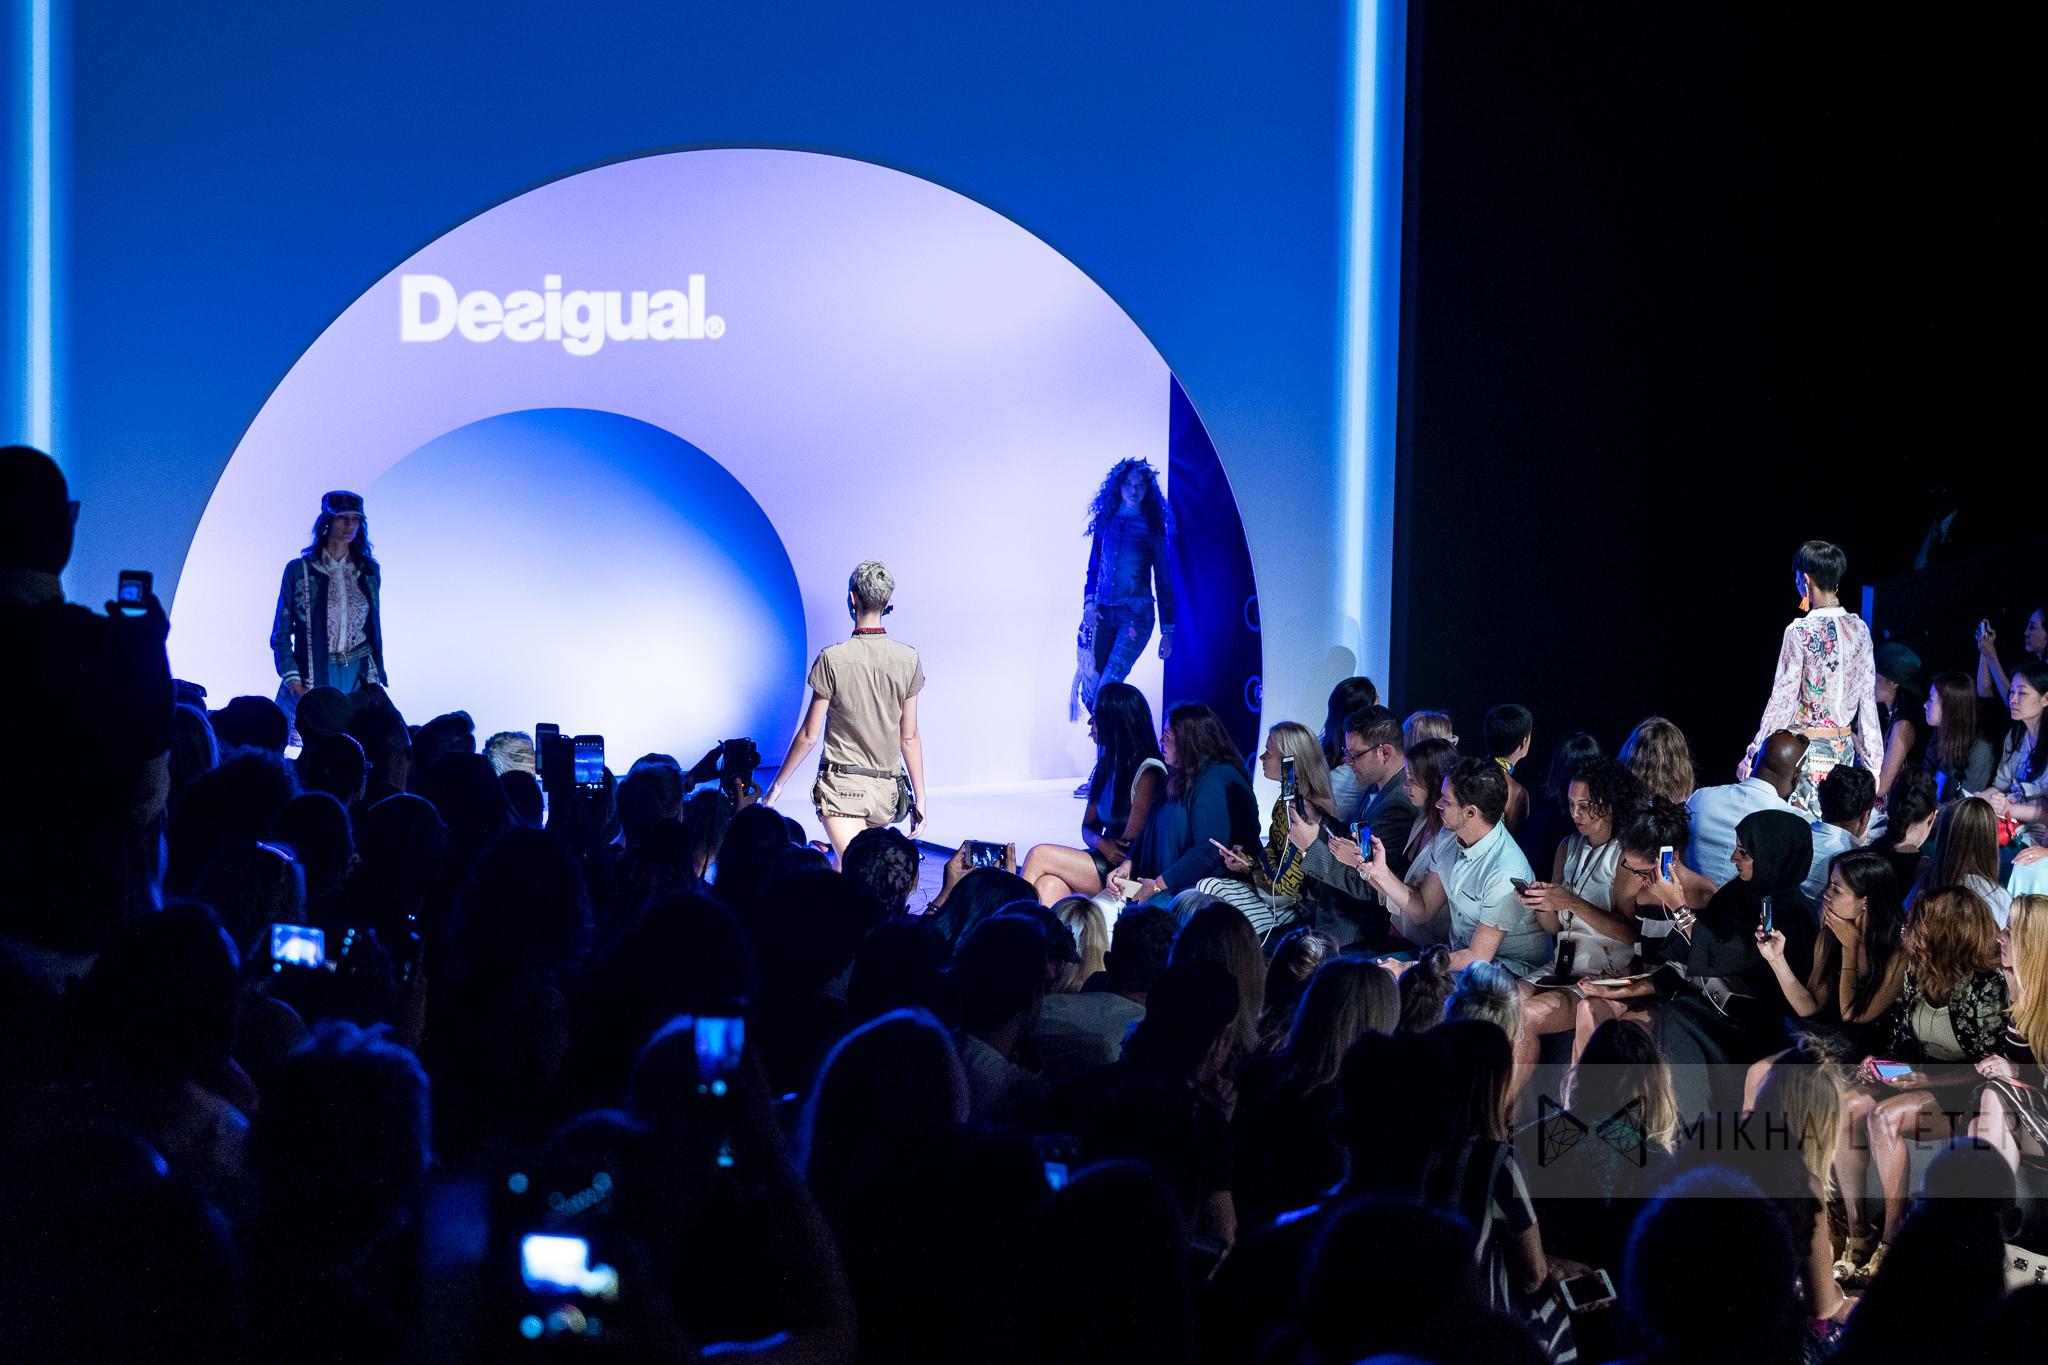 desigual-new-york-fashion-week-0245